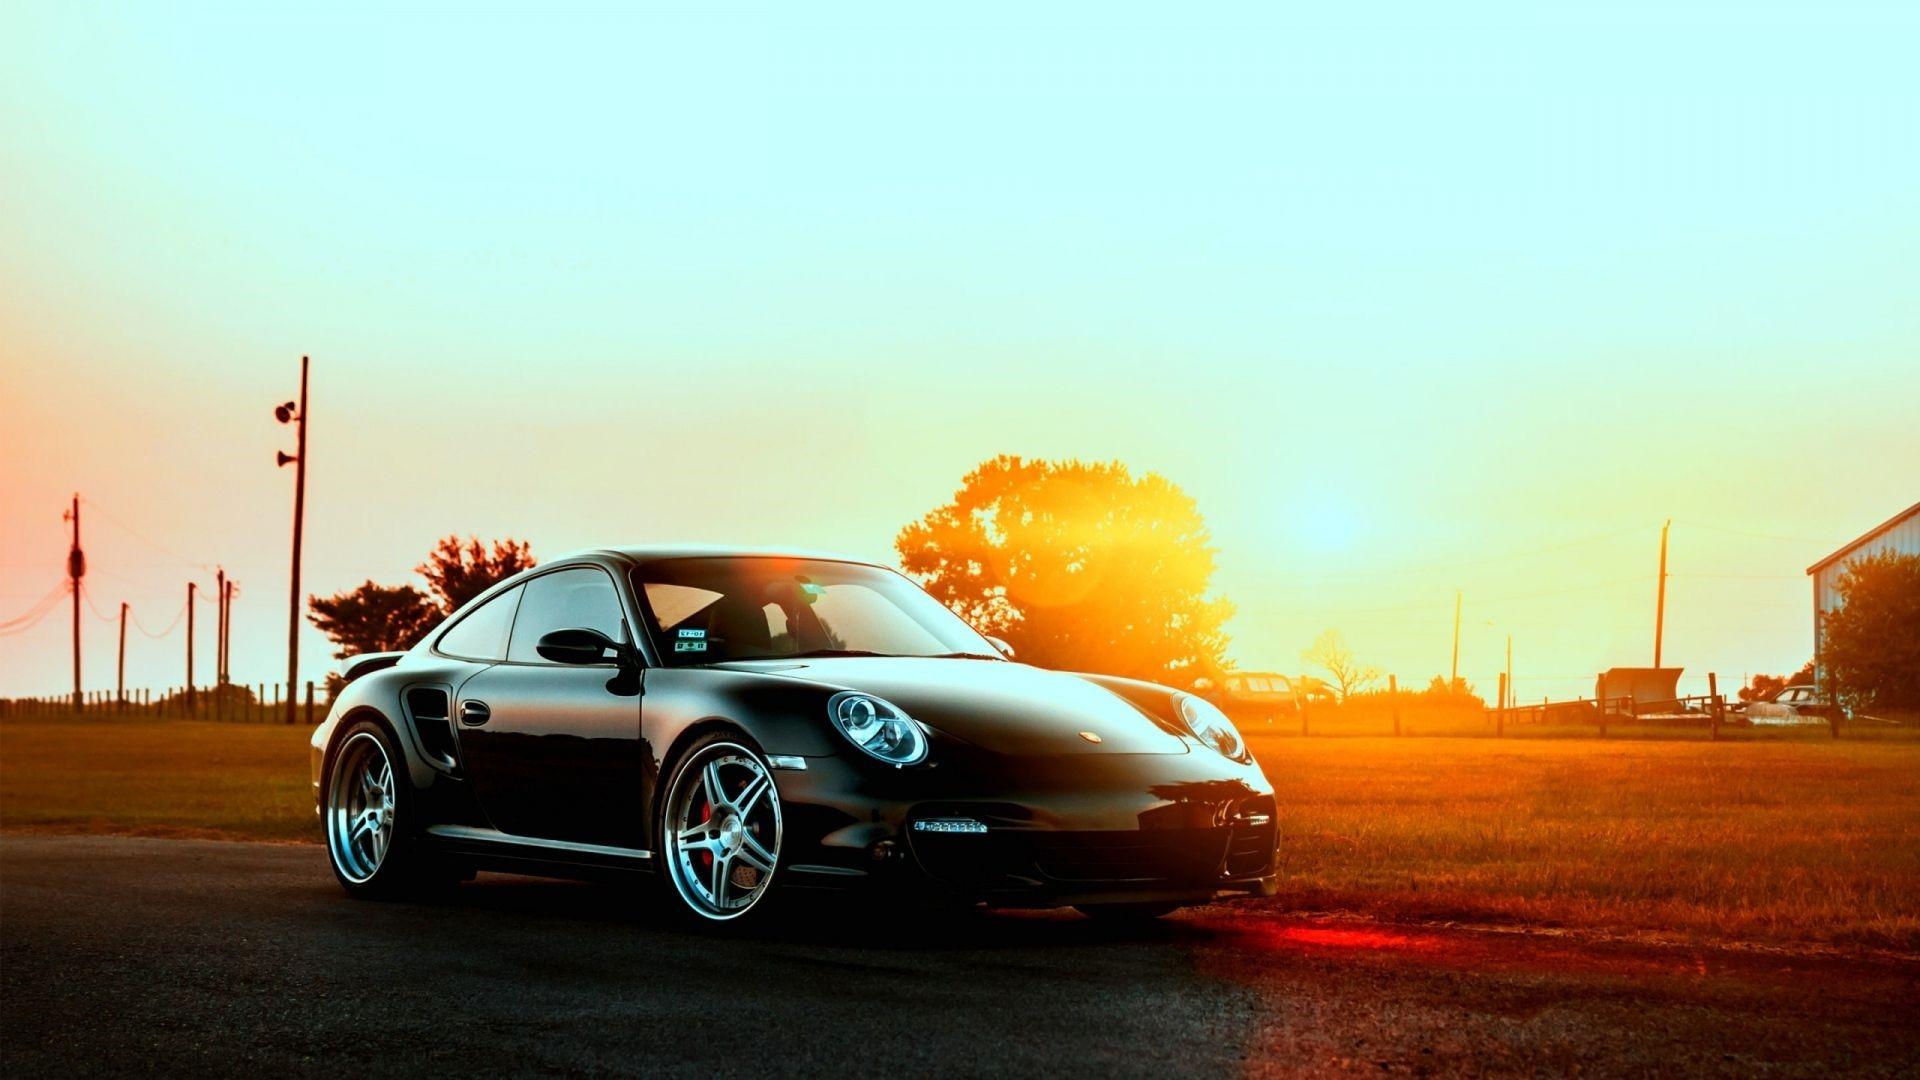 Porsche HD Wallpaper